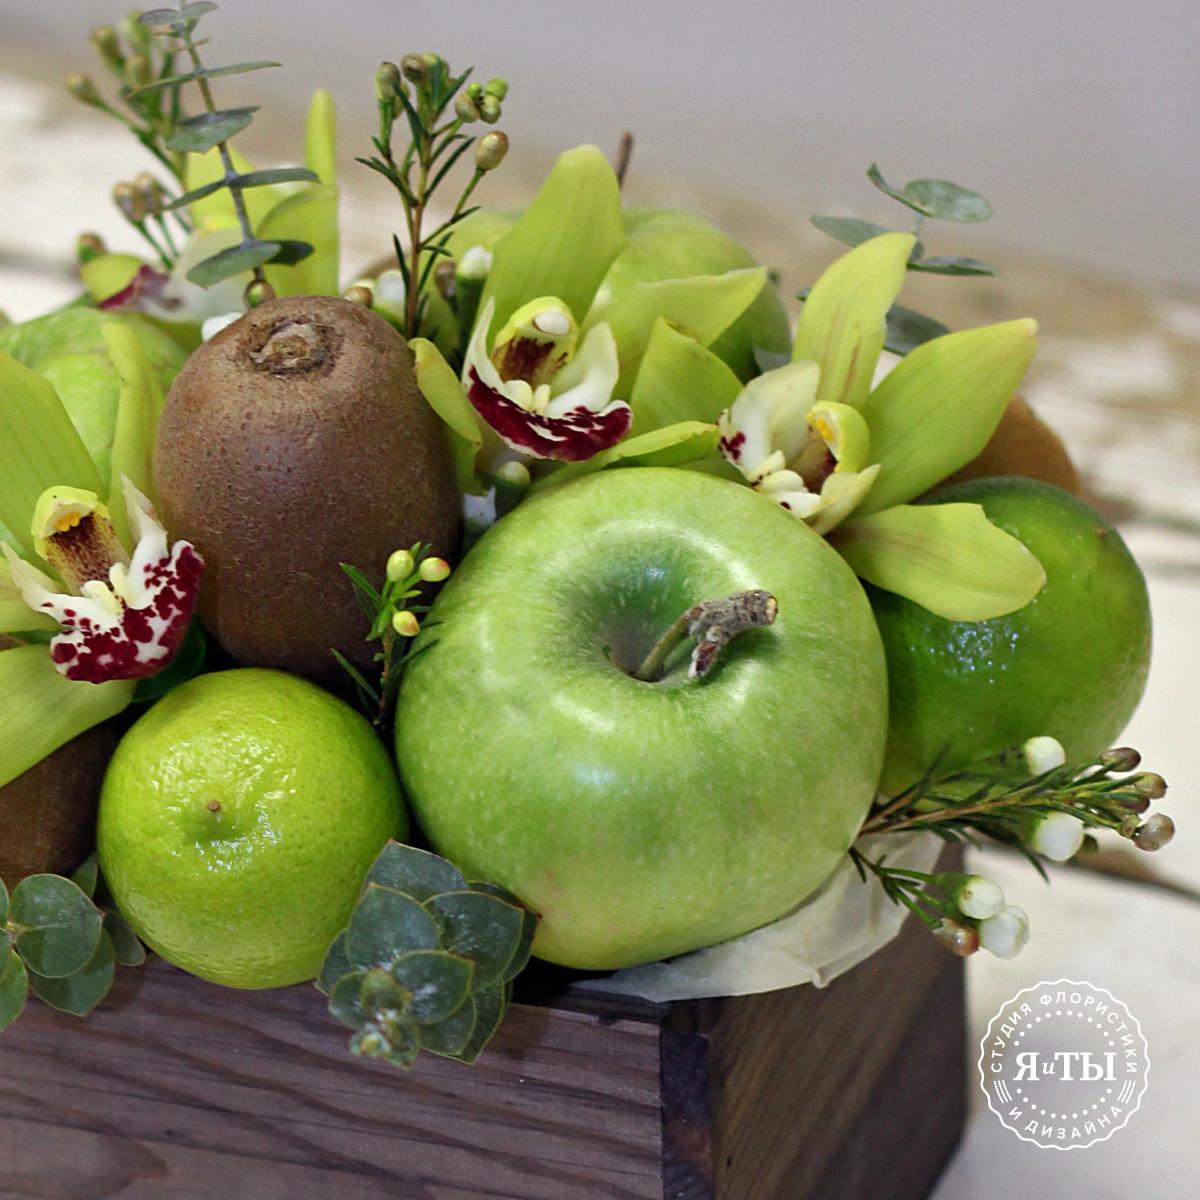 Фруктовая композиция с яблоками и орхидеями